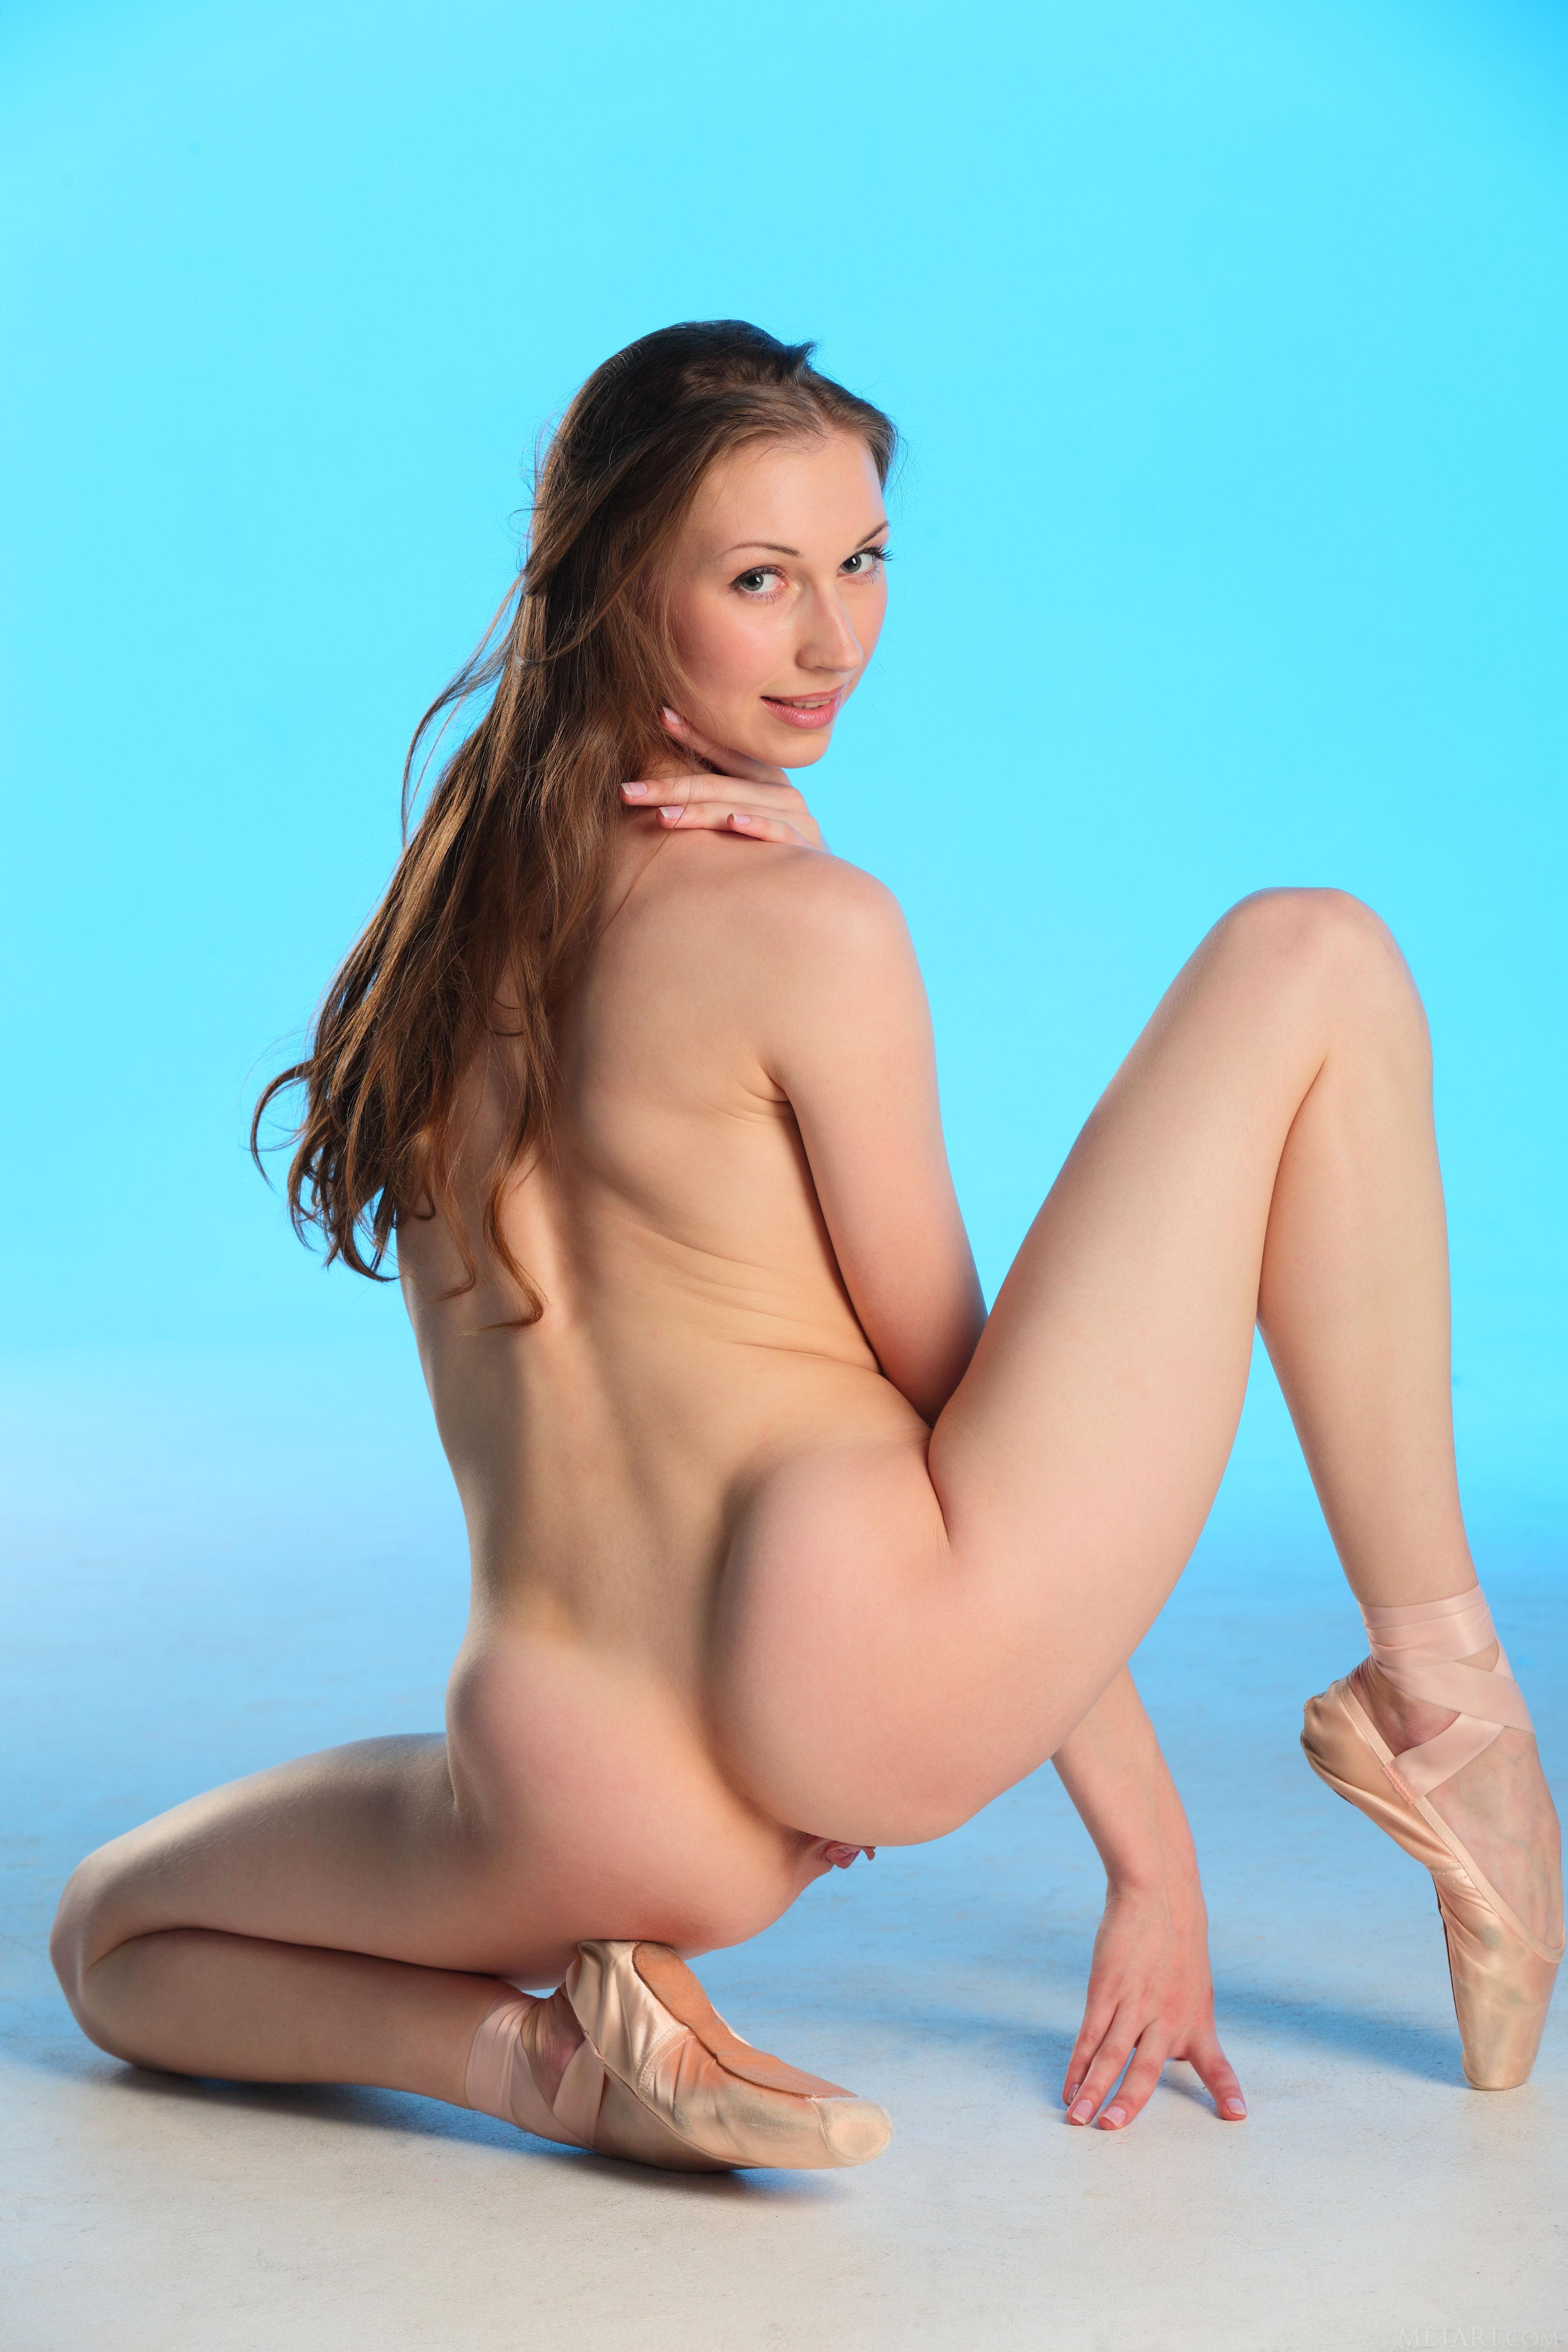 Фото голых гимнасток лучшие фото 18 фотография